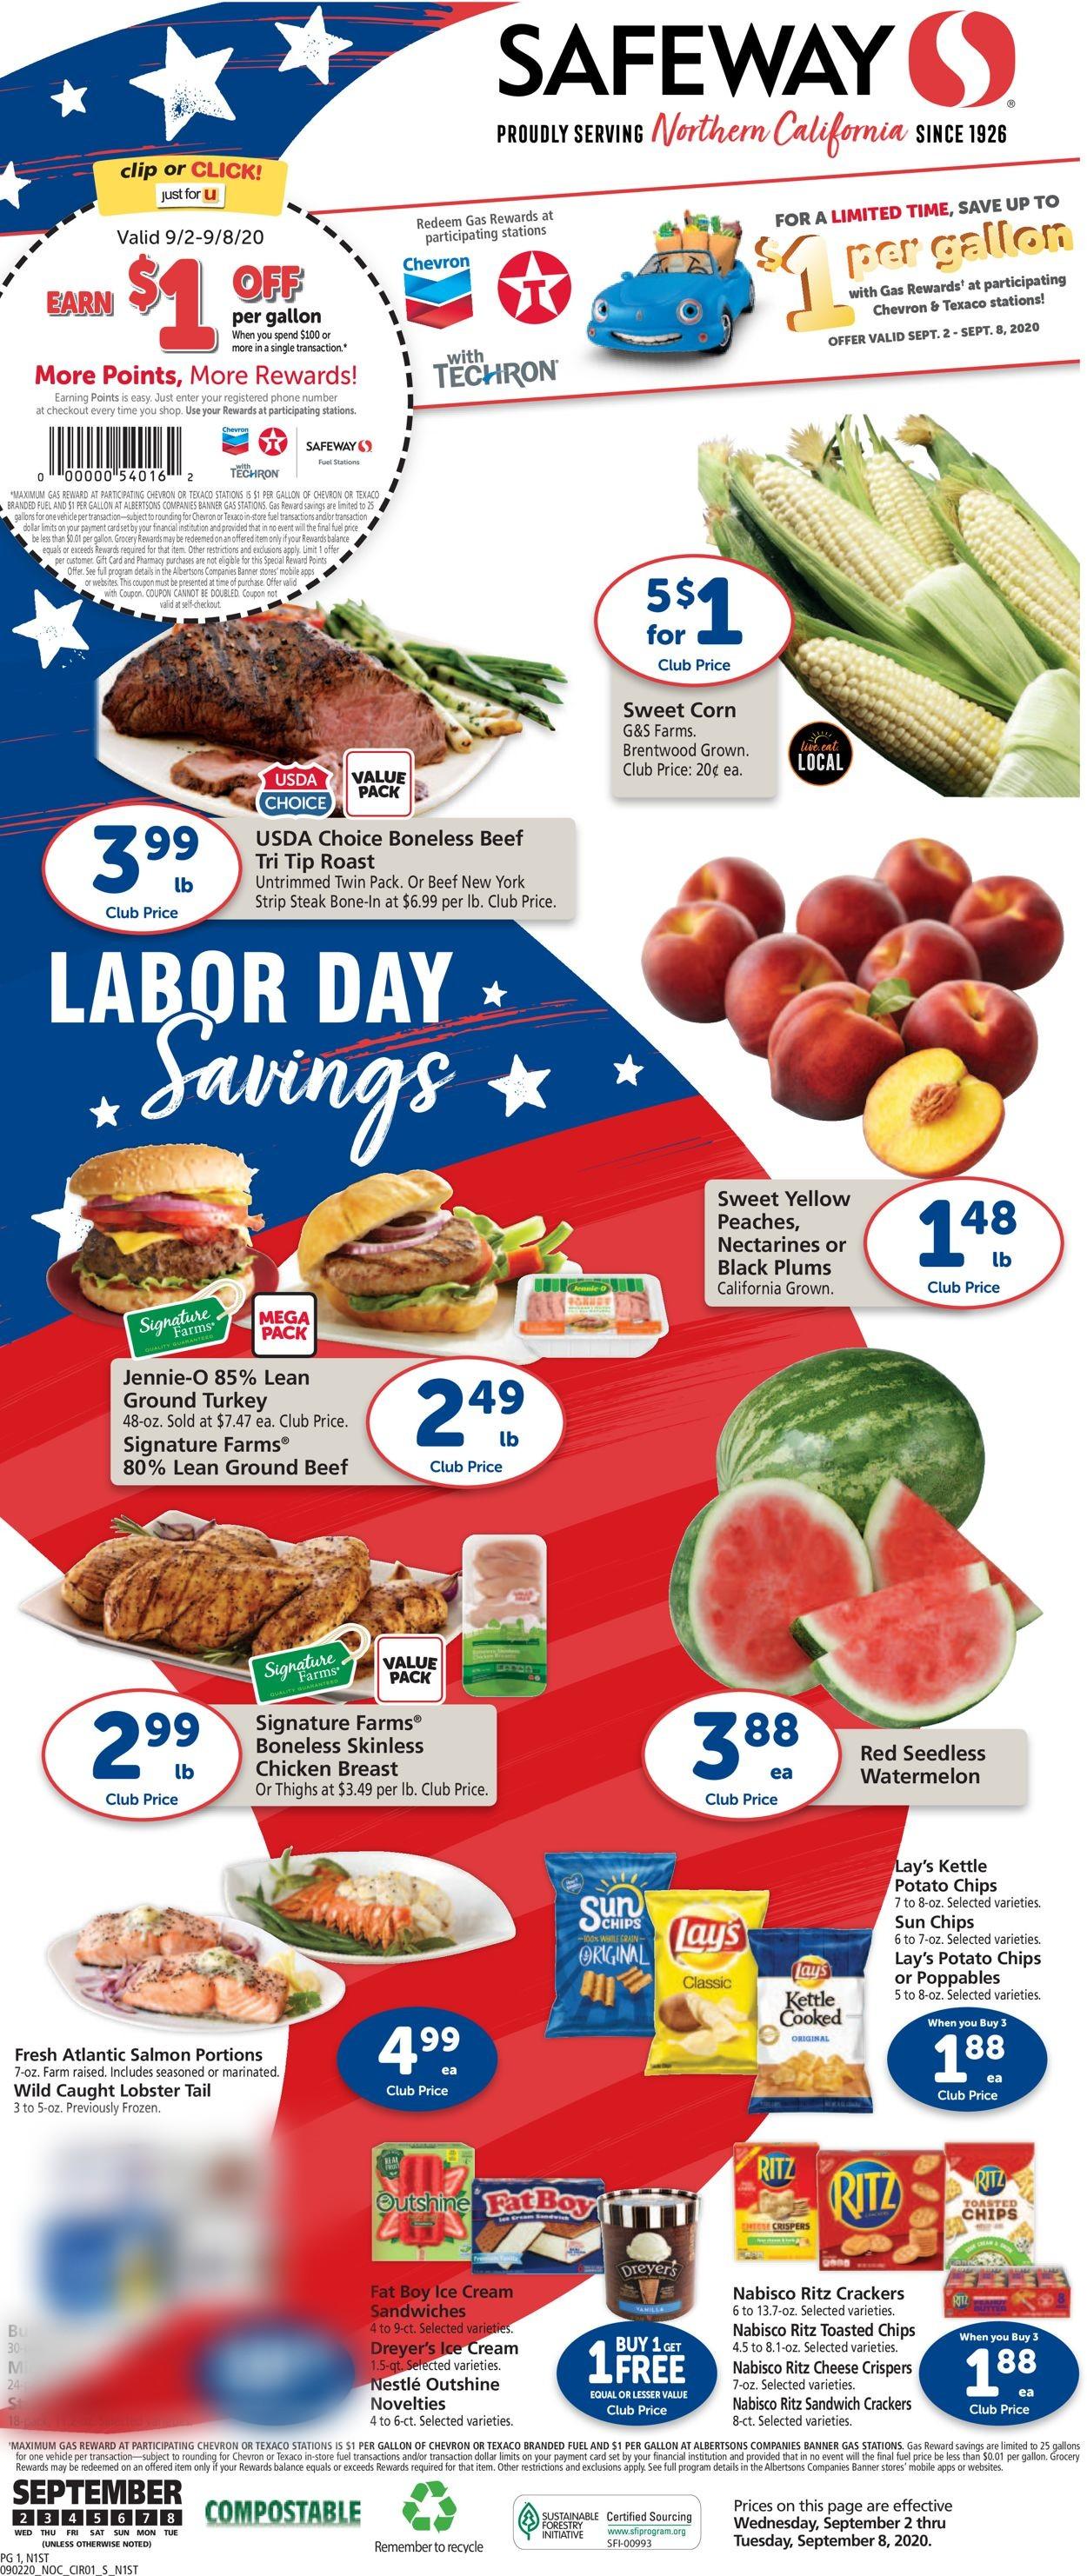 Safeway Weekly Ad Circular - valid 09/02-09/08/2020